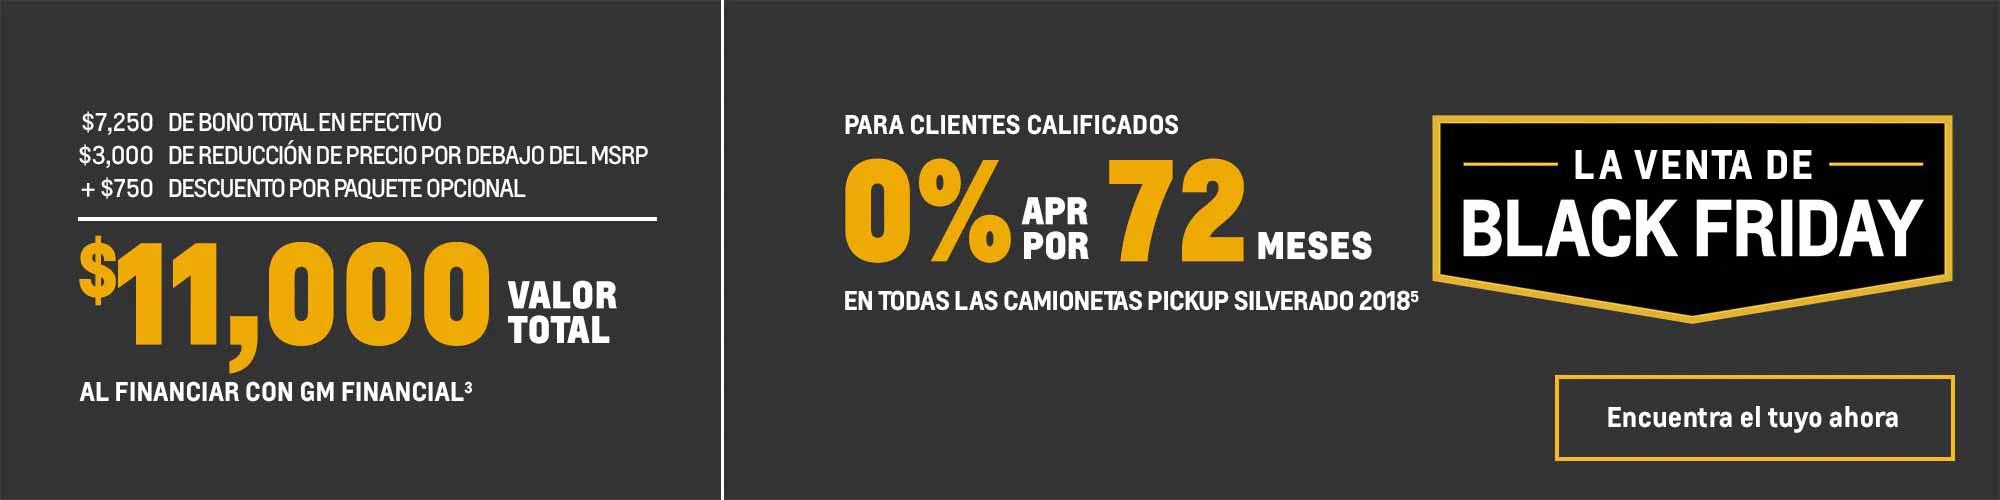 Ofertas Black Friday de Chevy: Silverado 1500 2018: $11,000 0% de APR